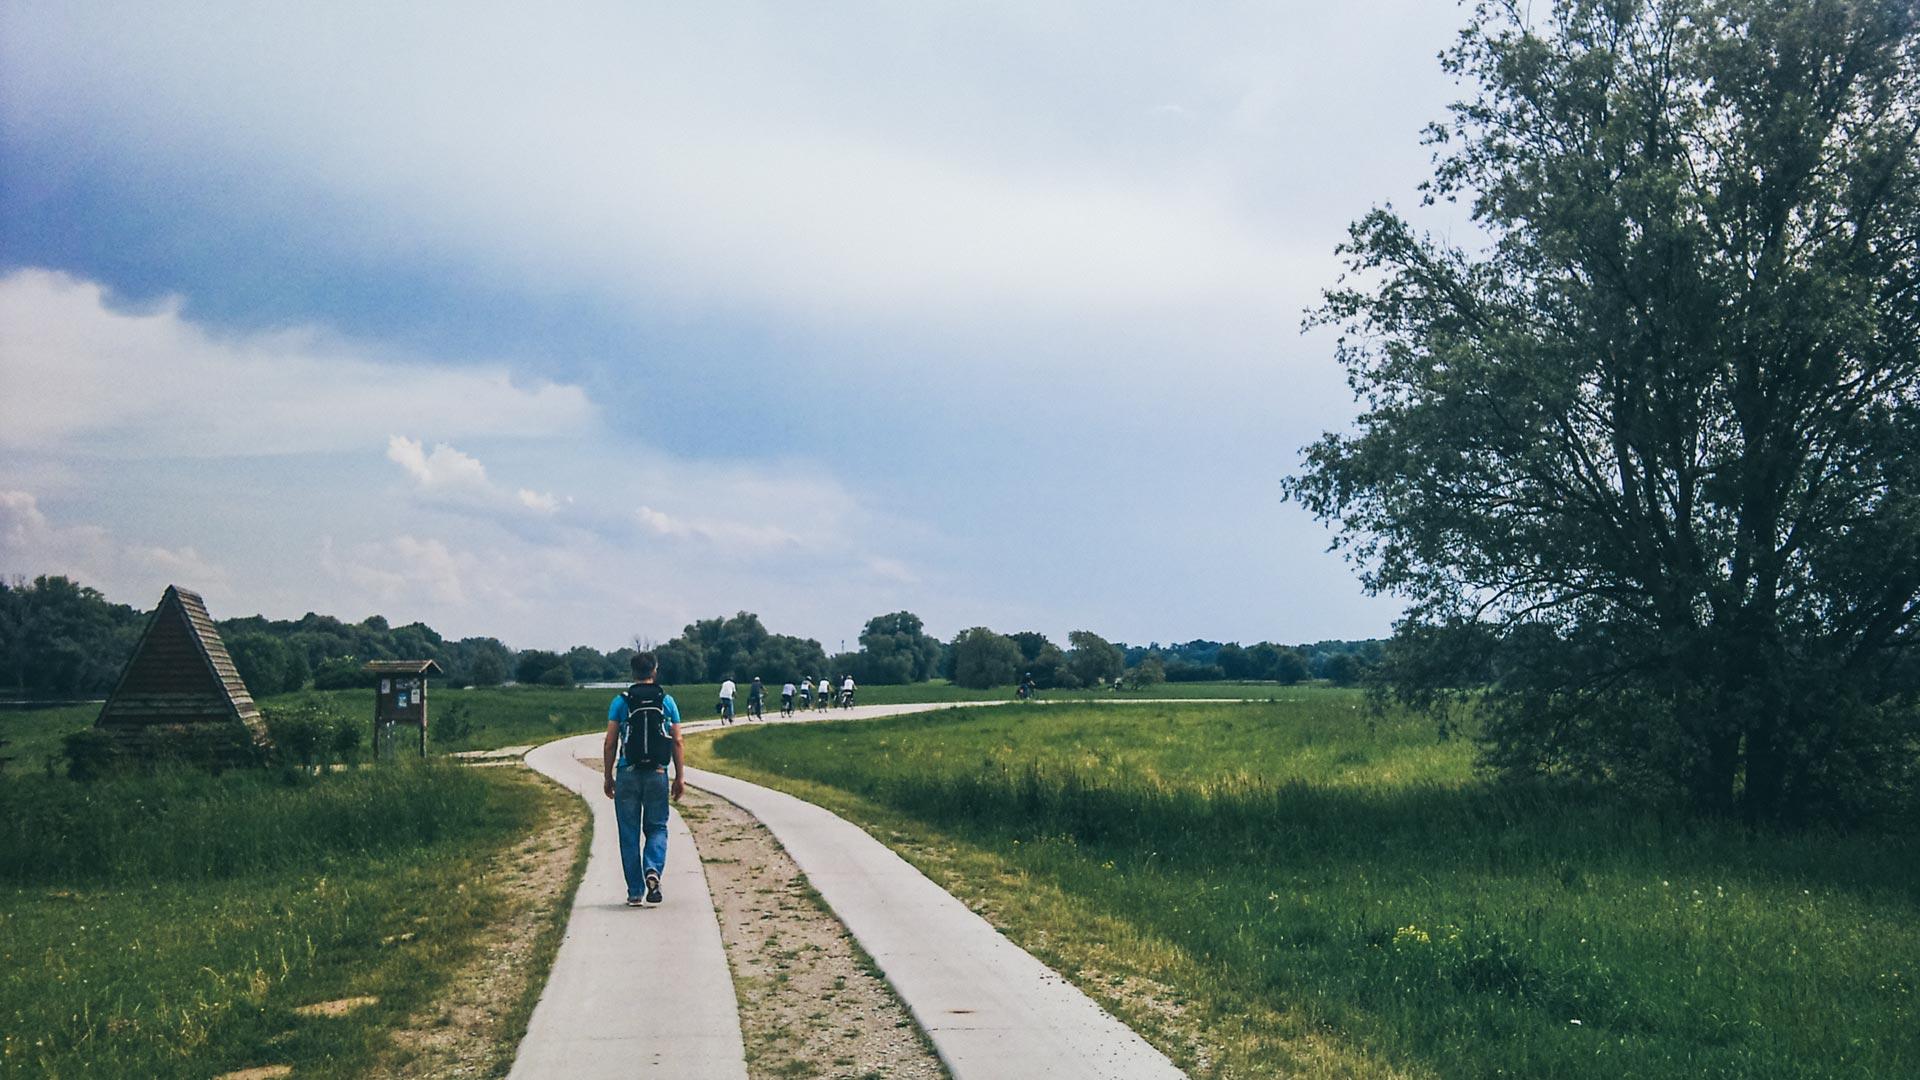 Immer entlang des Elberadwegs. Man kann sich zwar nicht verlaufen, aber so richtig gut tut das den Füßen auch nicht.